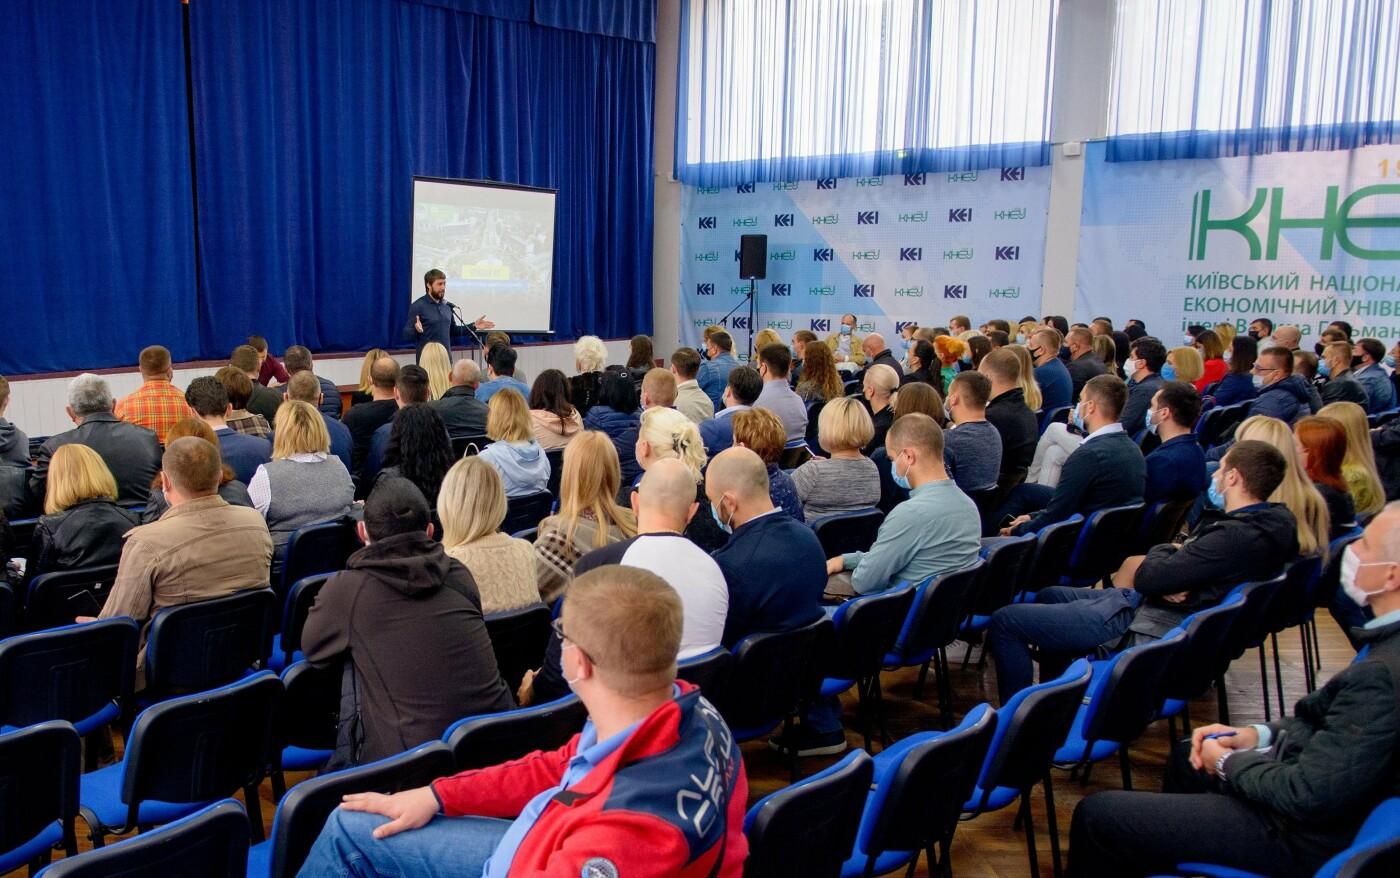 Нові ідеї та свіжий погляд на управління: Народна програма Дмитра Шевчика відкриє молоді дорогу до міськради, фото-1